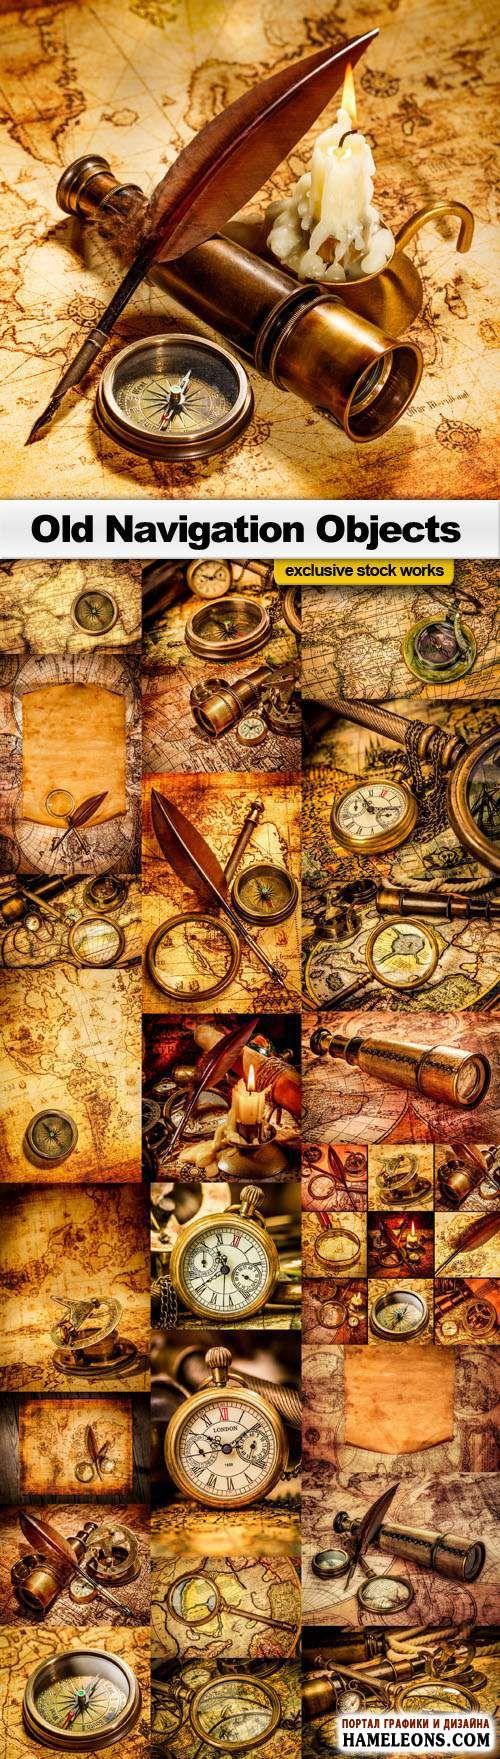 Навигация - старинная карта, компас, подзорная труба - Растровый клипарт | Old Navigation Objects